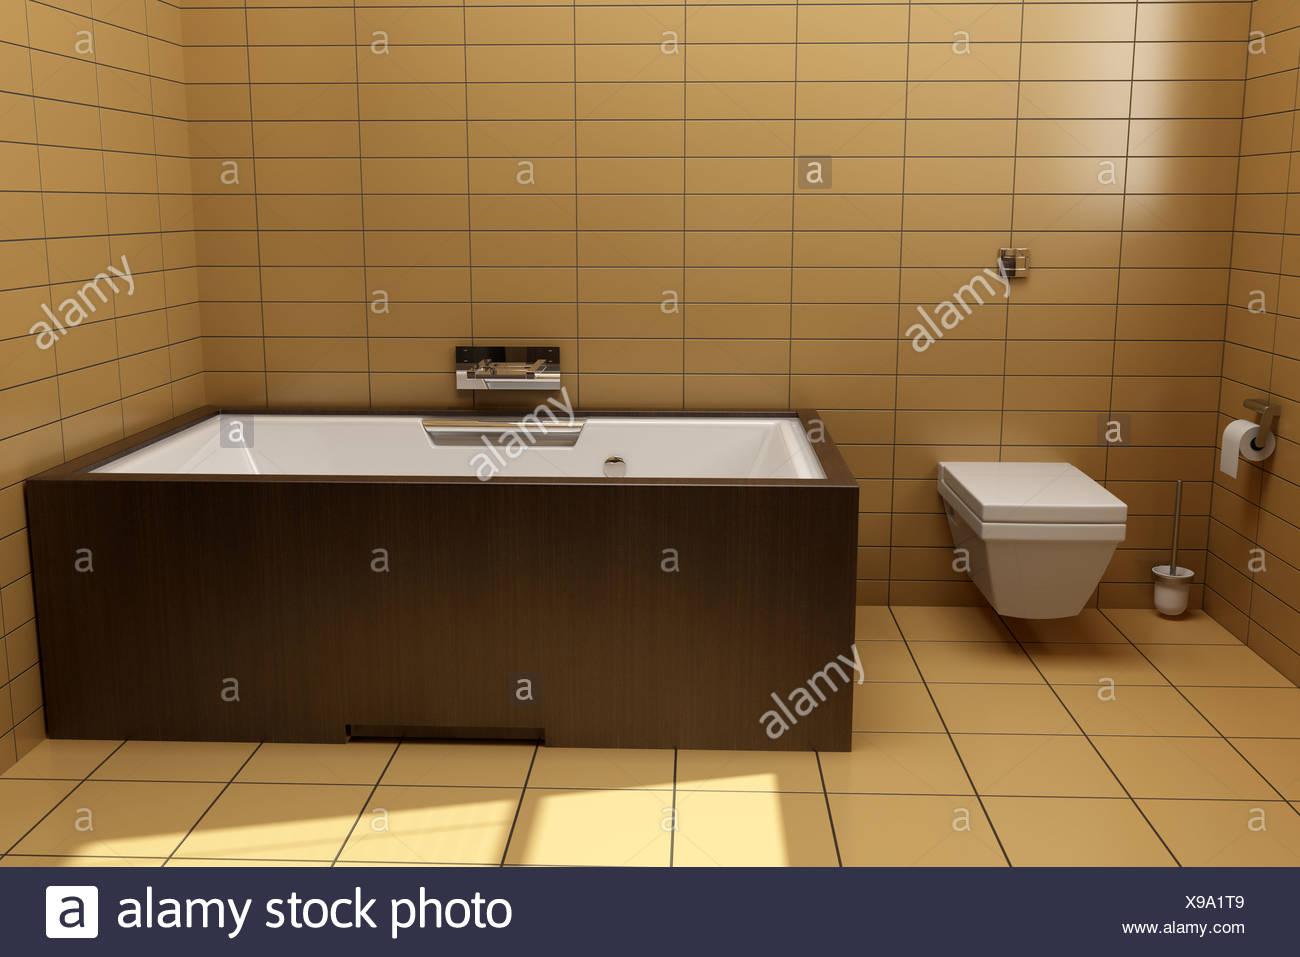 Stile giapponese bagno con piastrelle marrone foto immagine